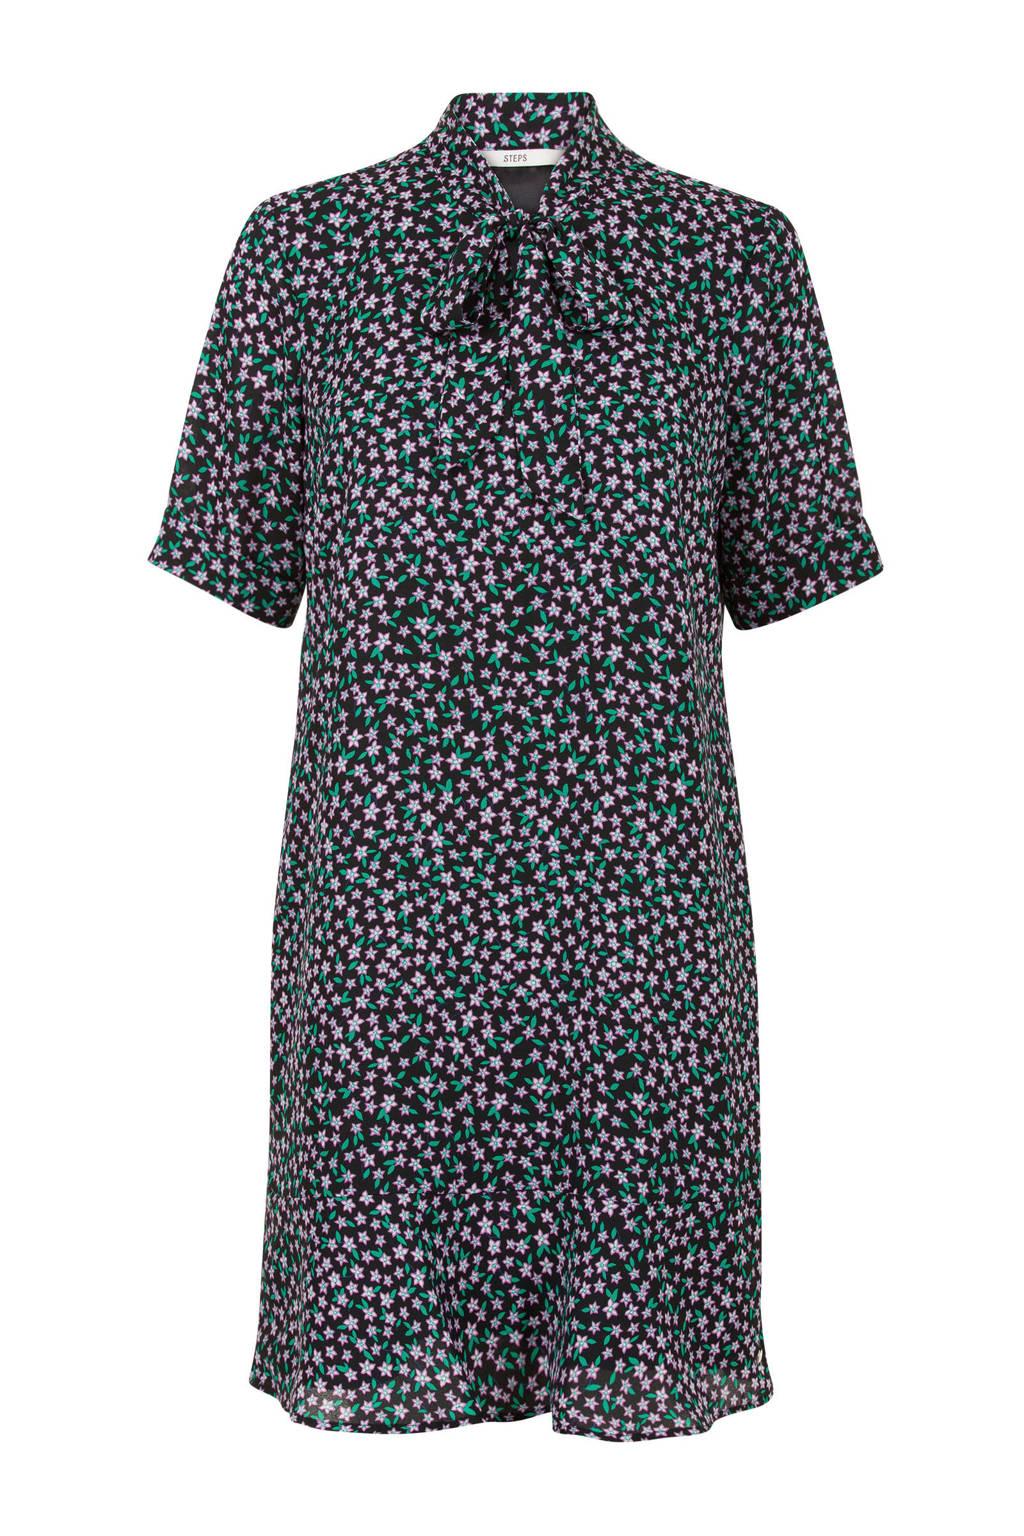 Steps gebloemde jurk zwart met strik, Zwart/groen/roze